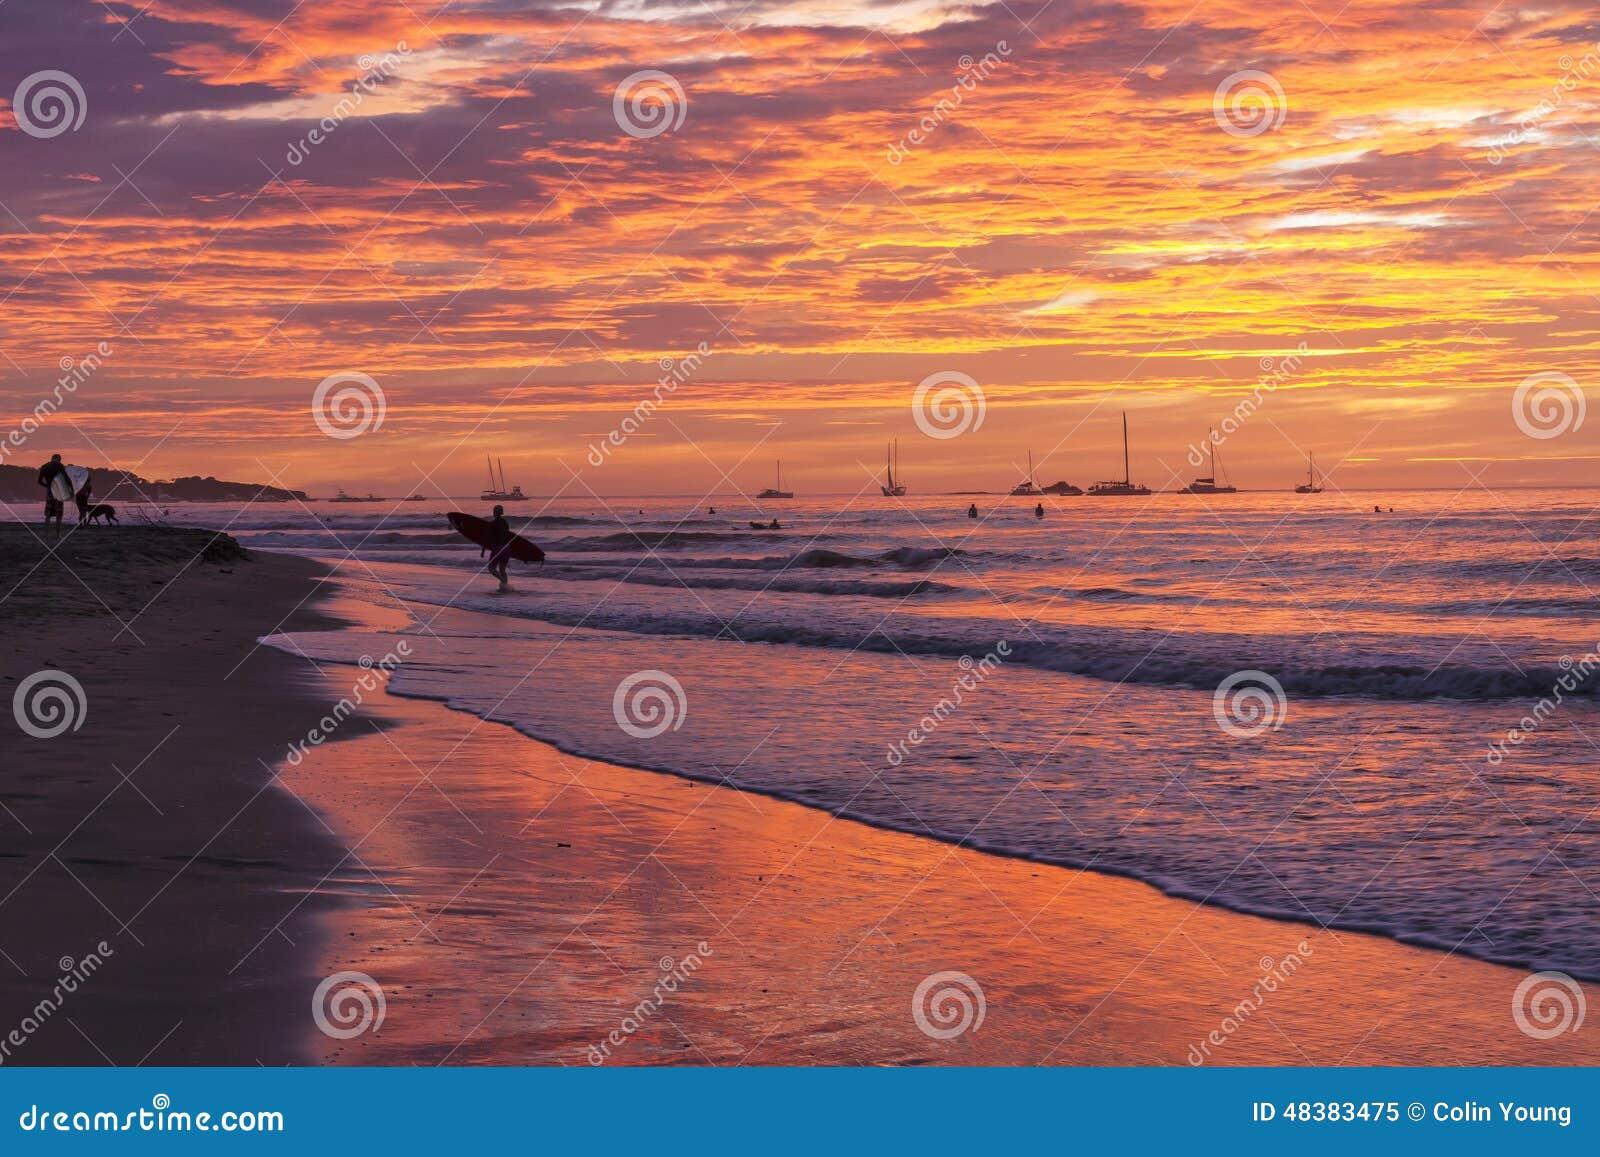 Silueta de la puesta del sol de la persona que practica surf en orilla